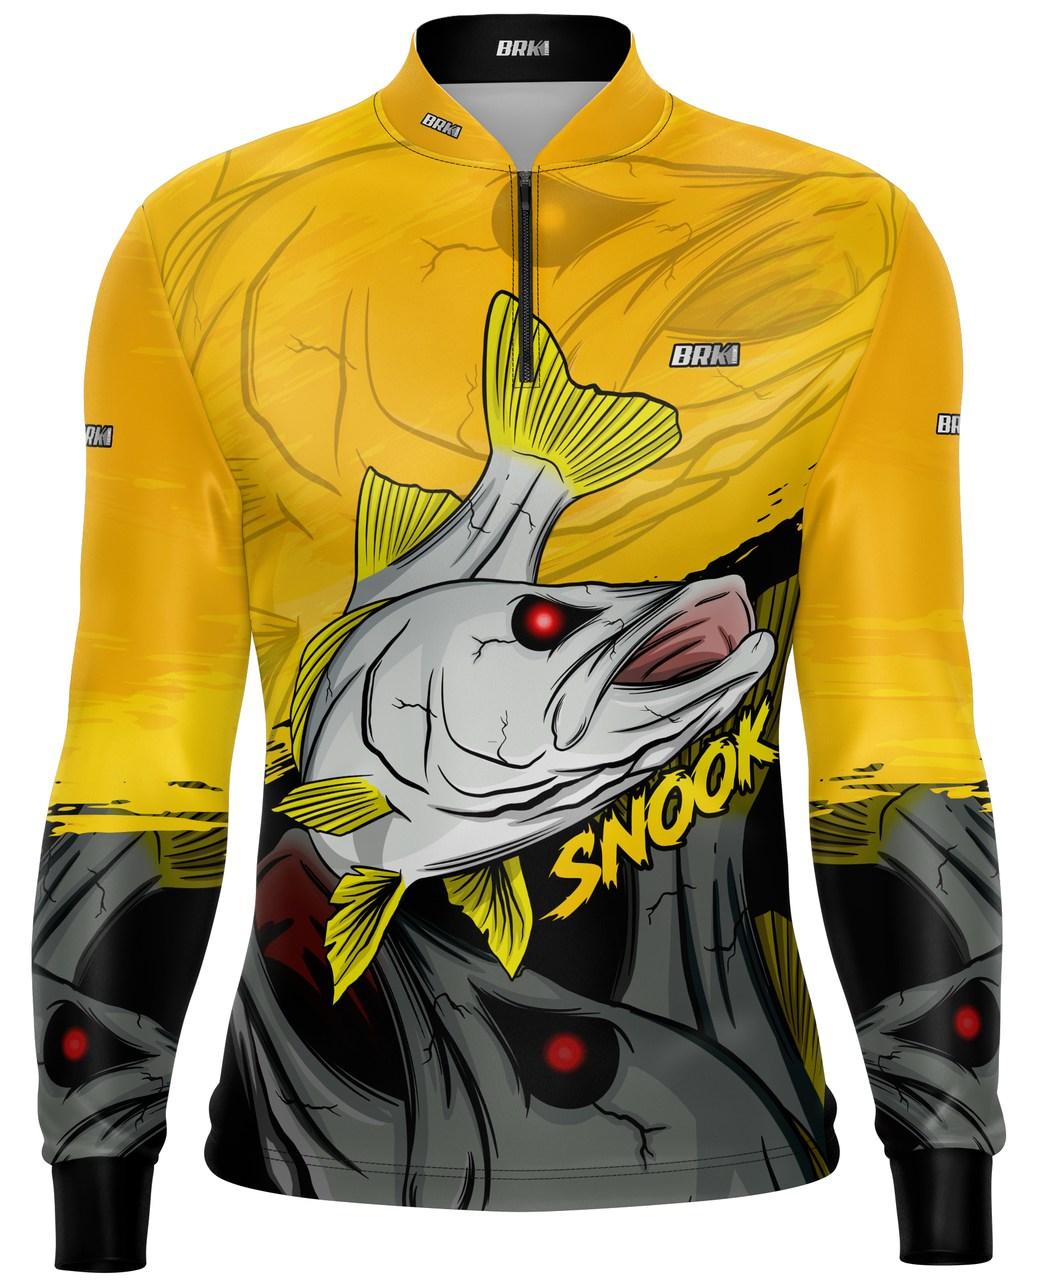 Camisa de Pesca Brk Robalo Amarelo com Proteção UV 50+